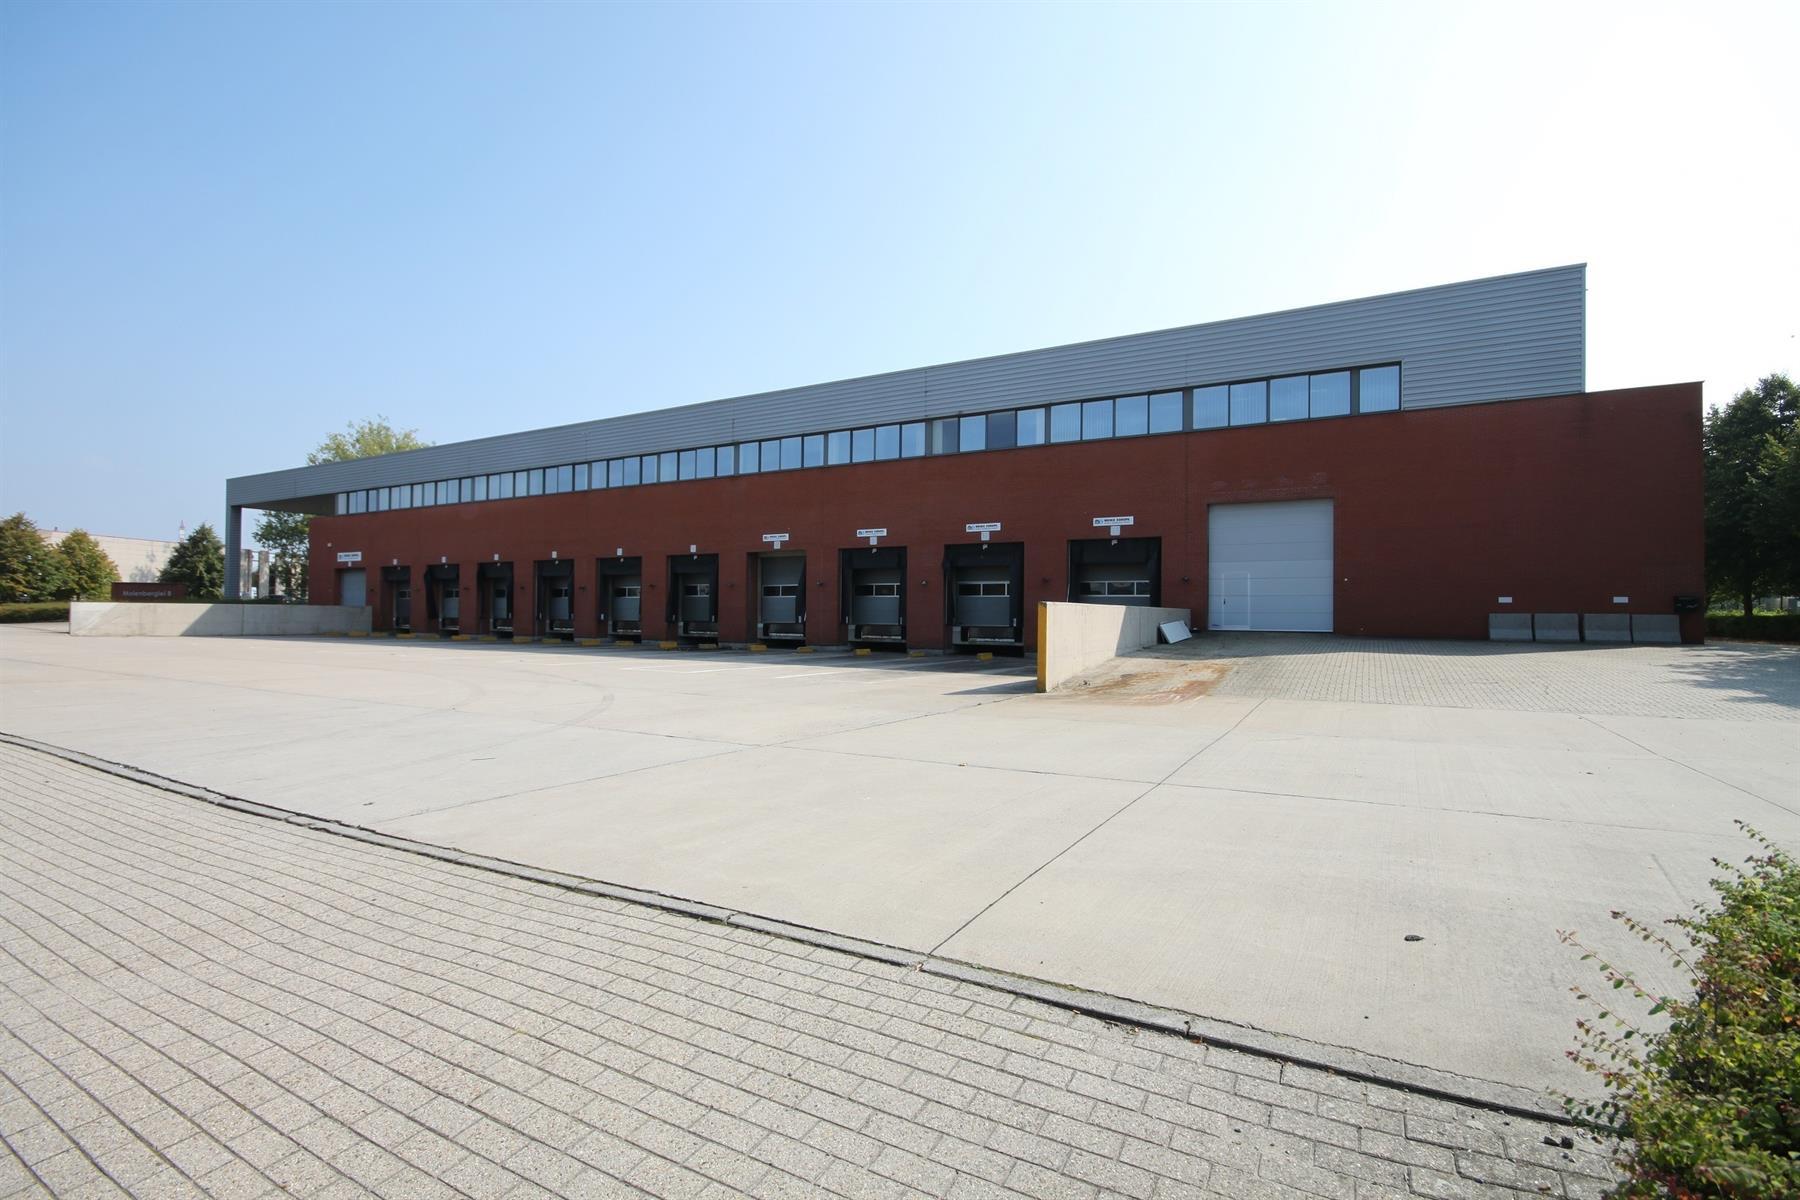 kantoor te huur I150 - Molenberglei 8, 2627 Schelle, België 2